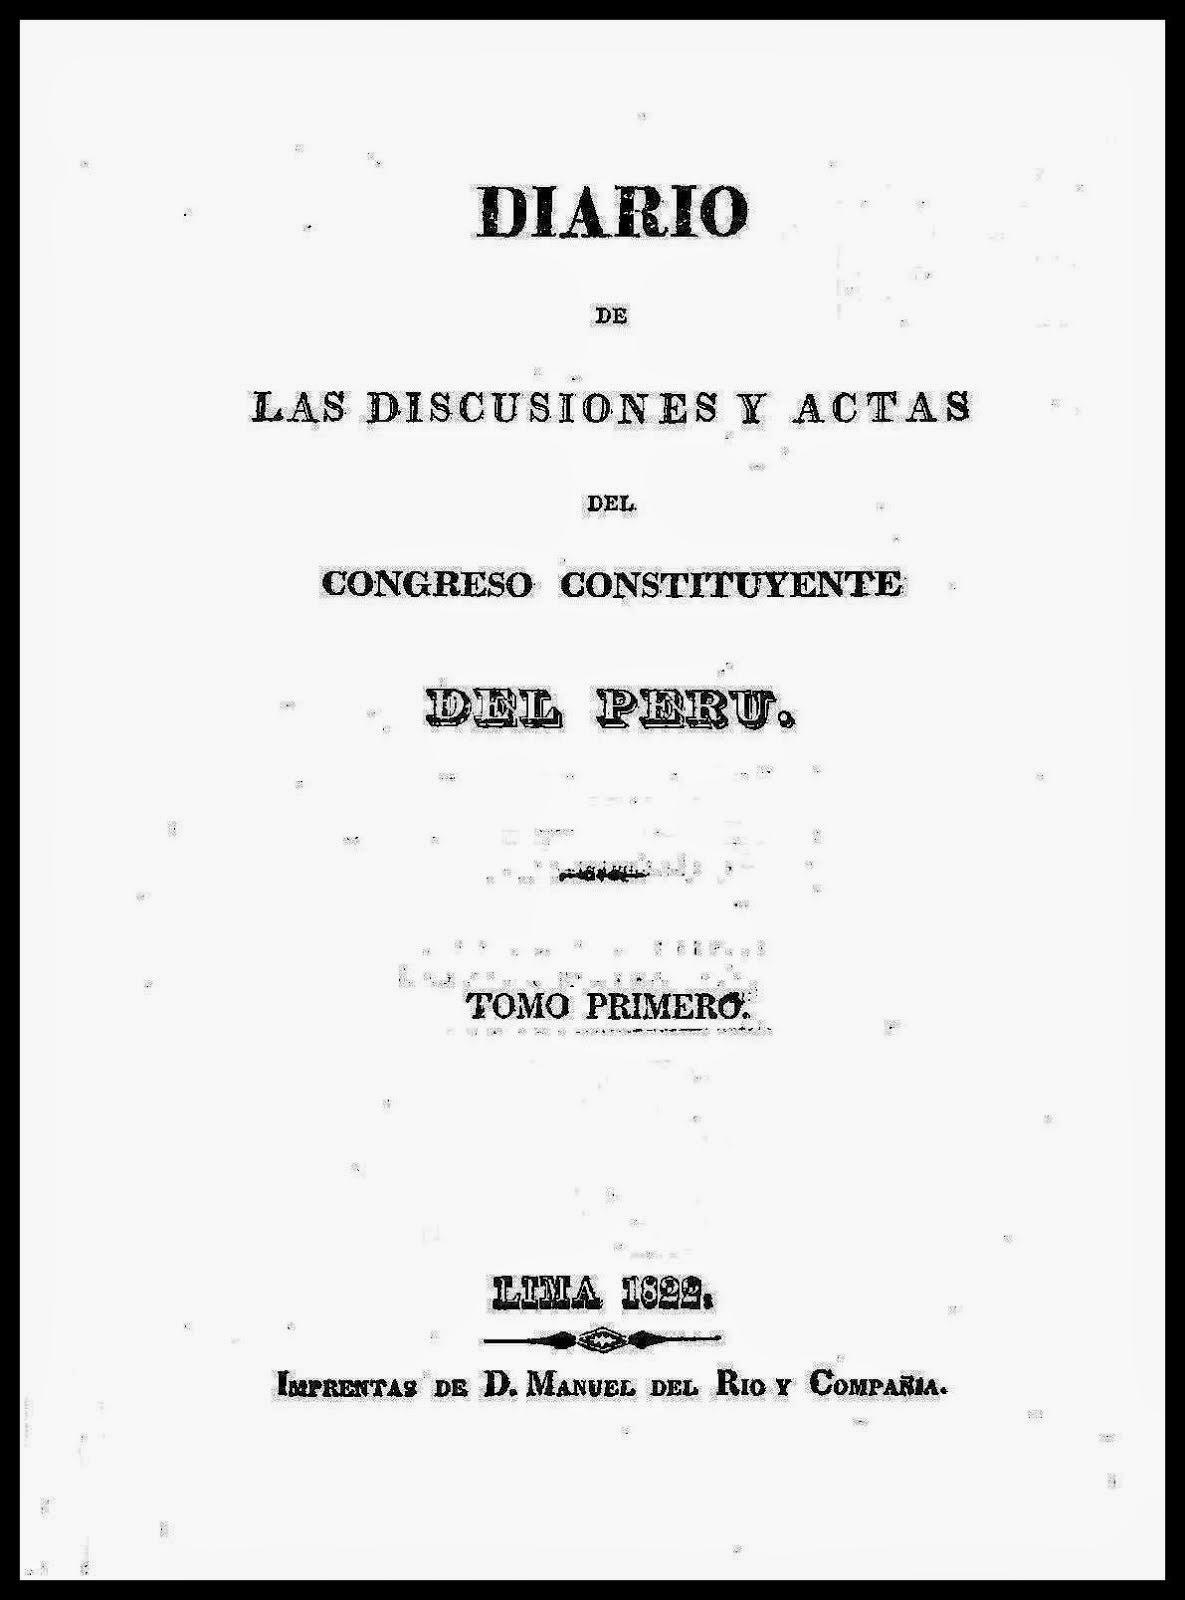 Diario de las Discusiones y Actas del Congreso Constituyente del Perú. Lima, 1822.